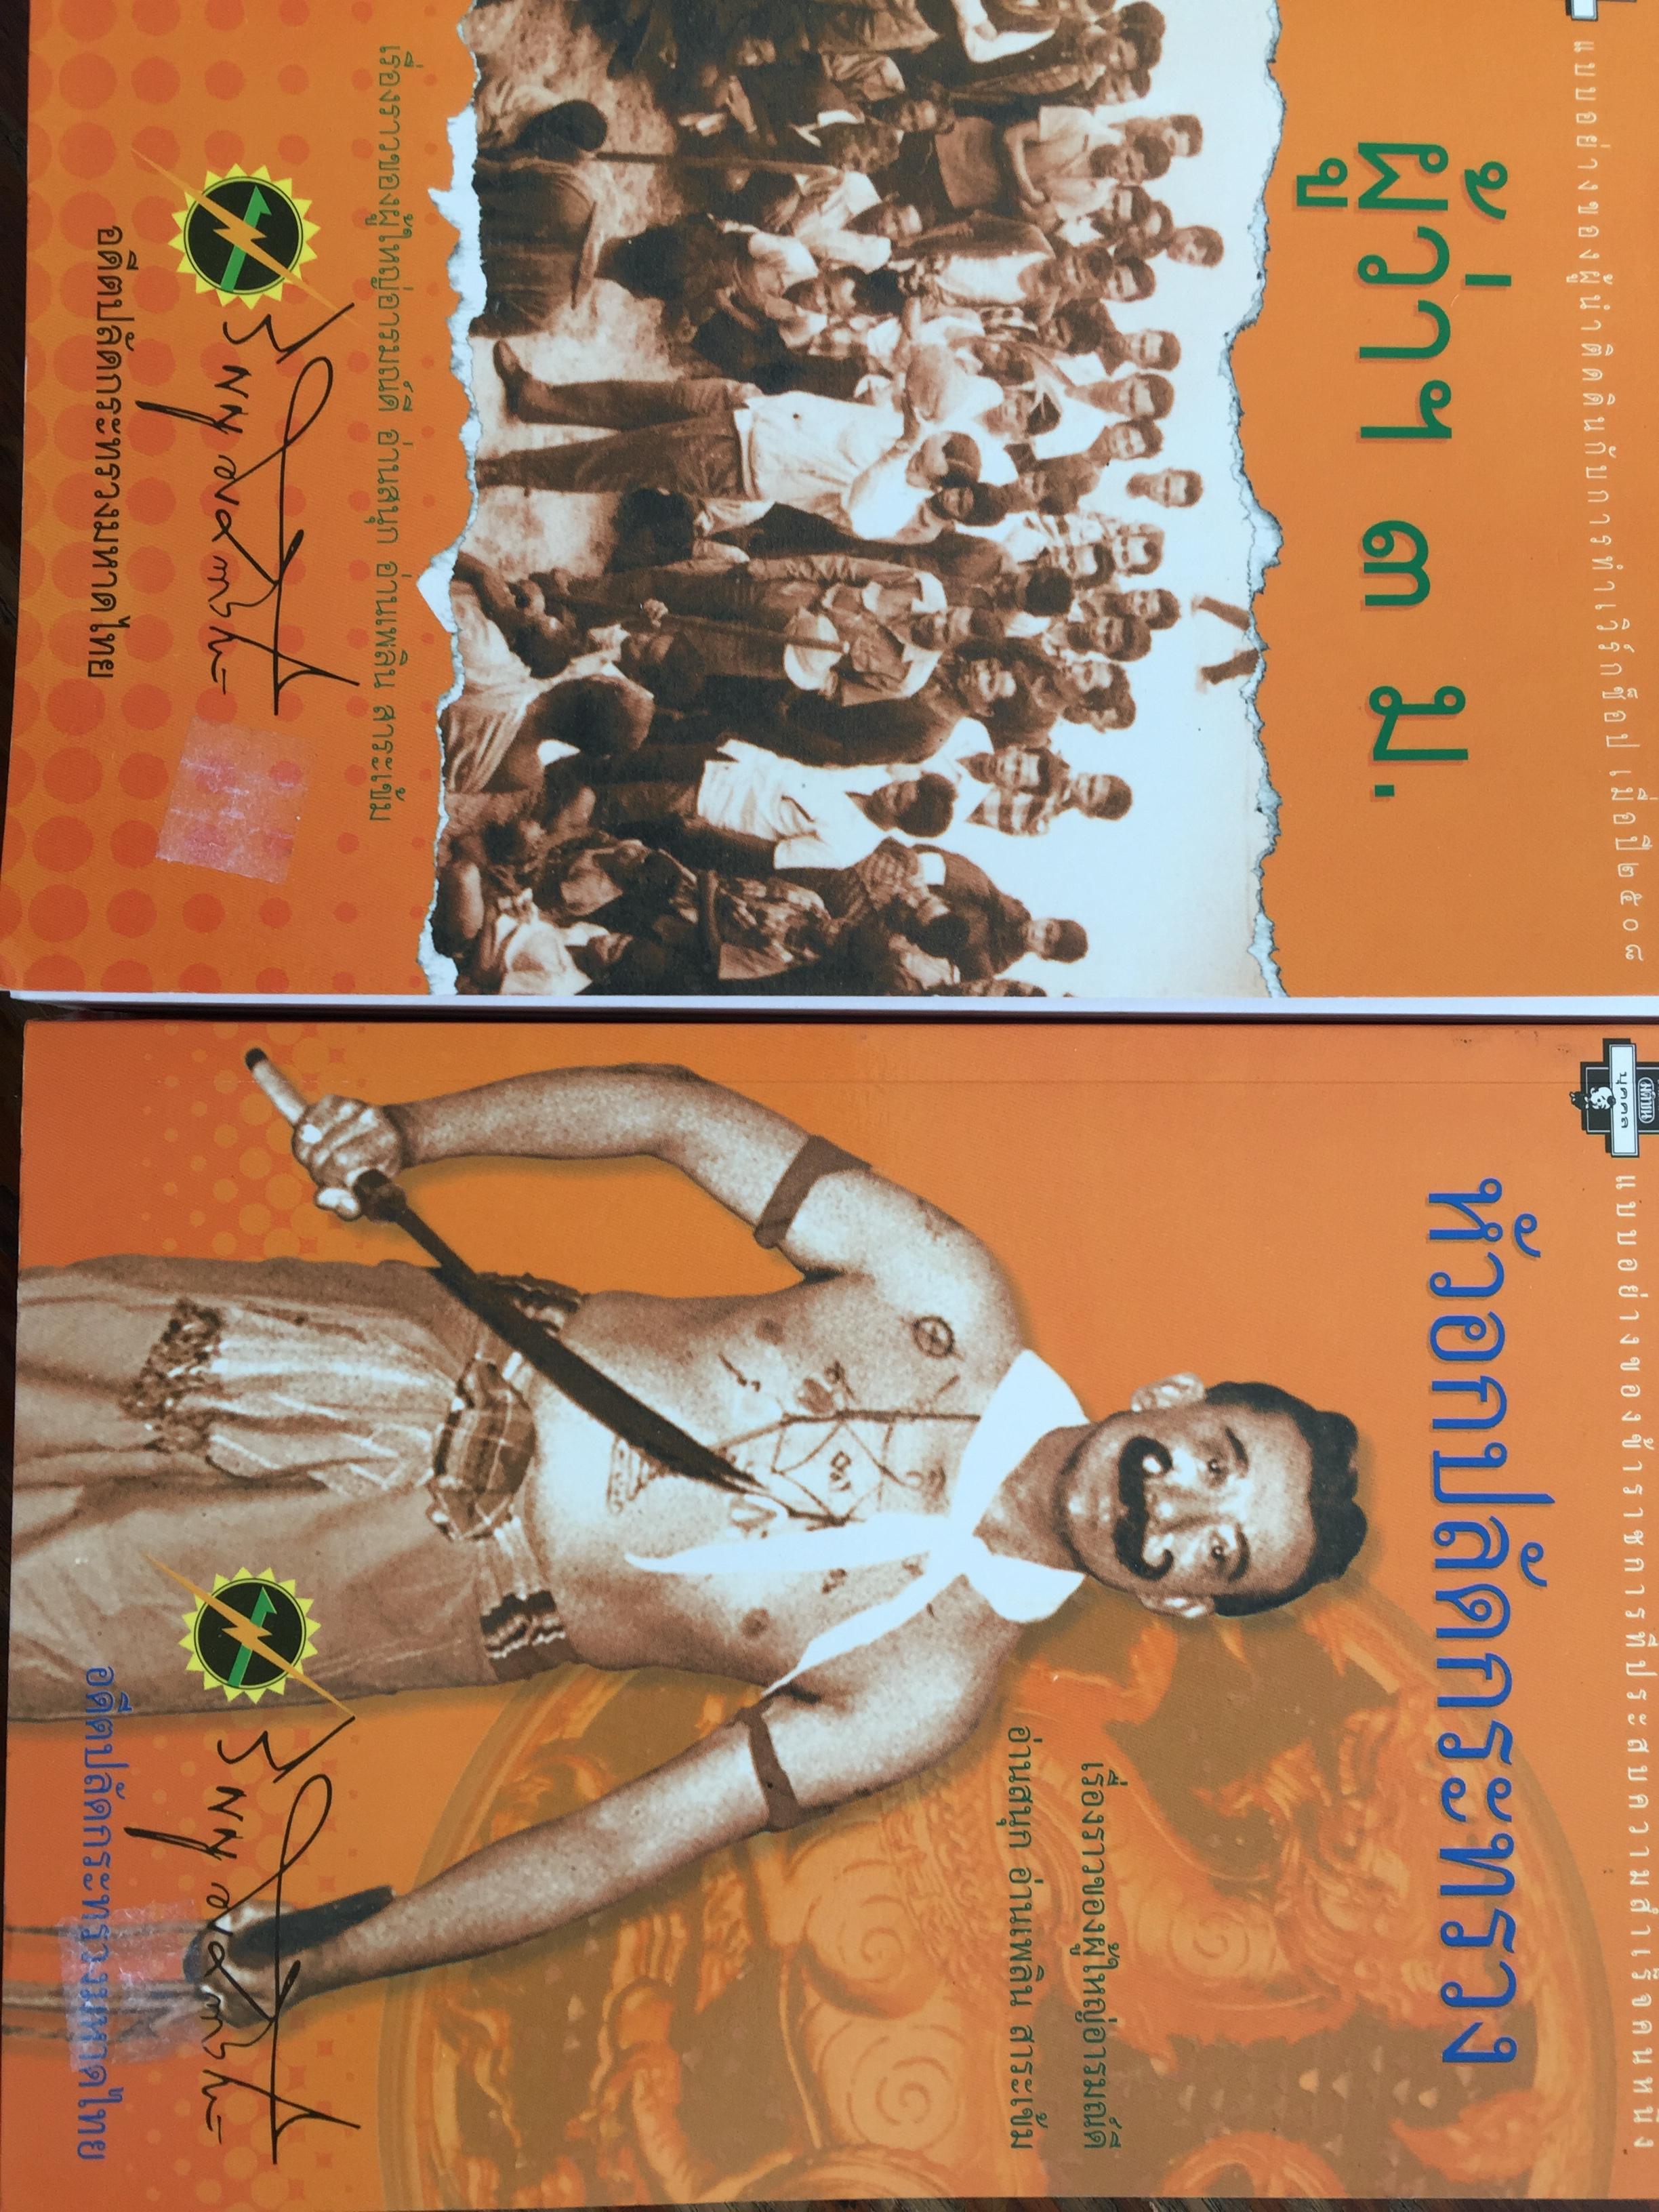 หนังสือที่เขียนโดย นายวิญญู อังคณารักษ์. อดีตปลัดกระทรวงมหาดไทย รวม 2 เล่ม 1) ผู้ว่าฯ3 ม. 2) หัวอกปลัดกระทรวง